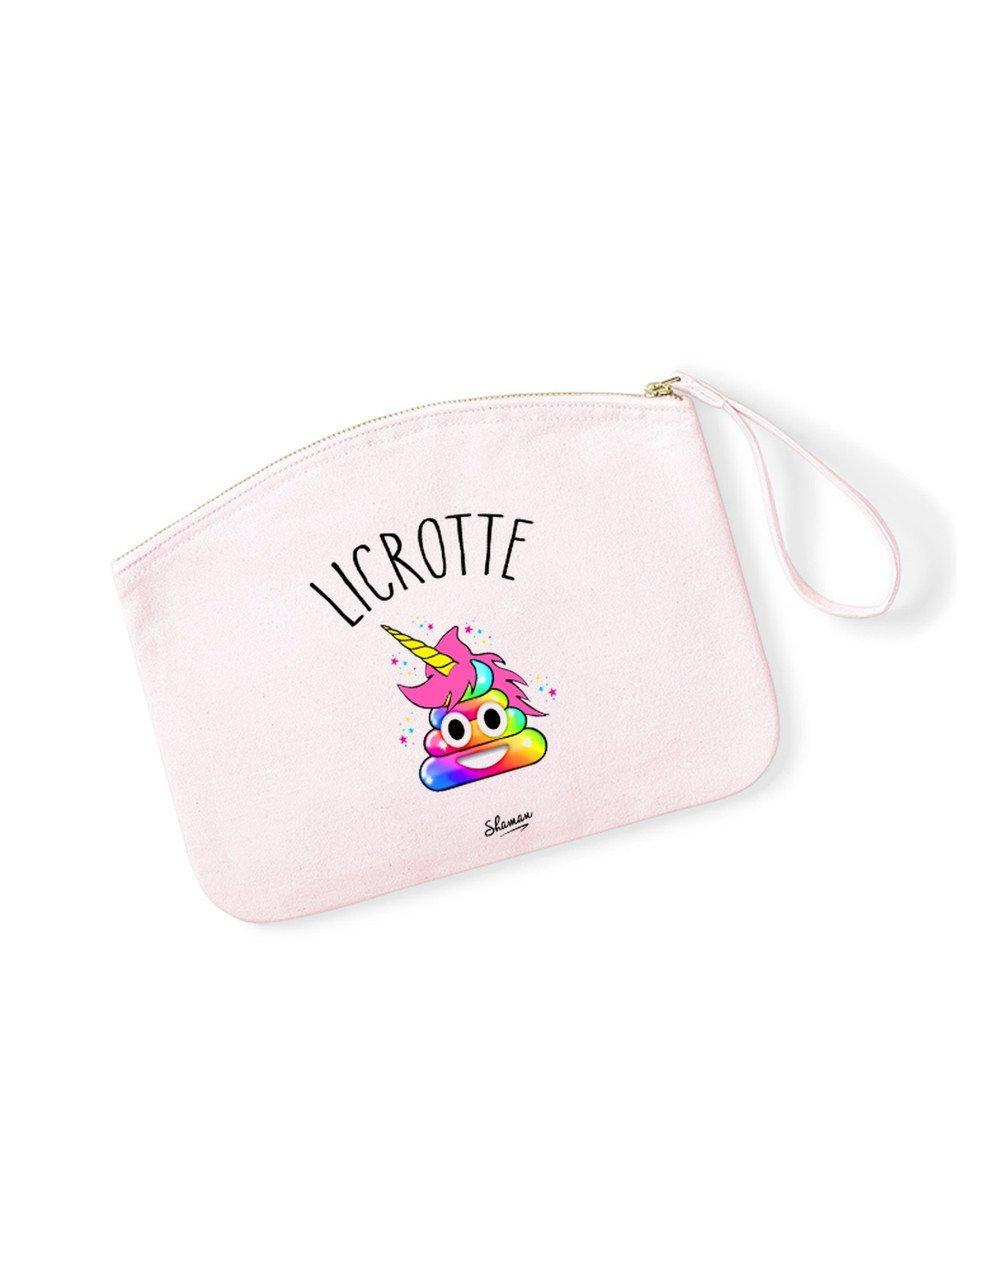 """Pochette """"Licrotte"""""""